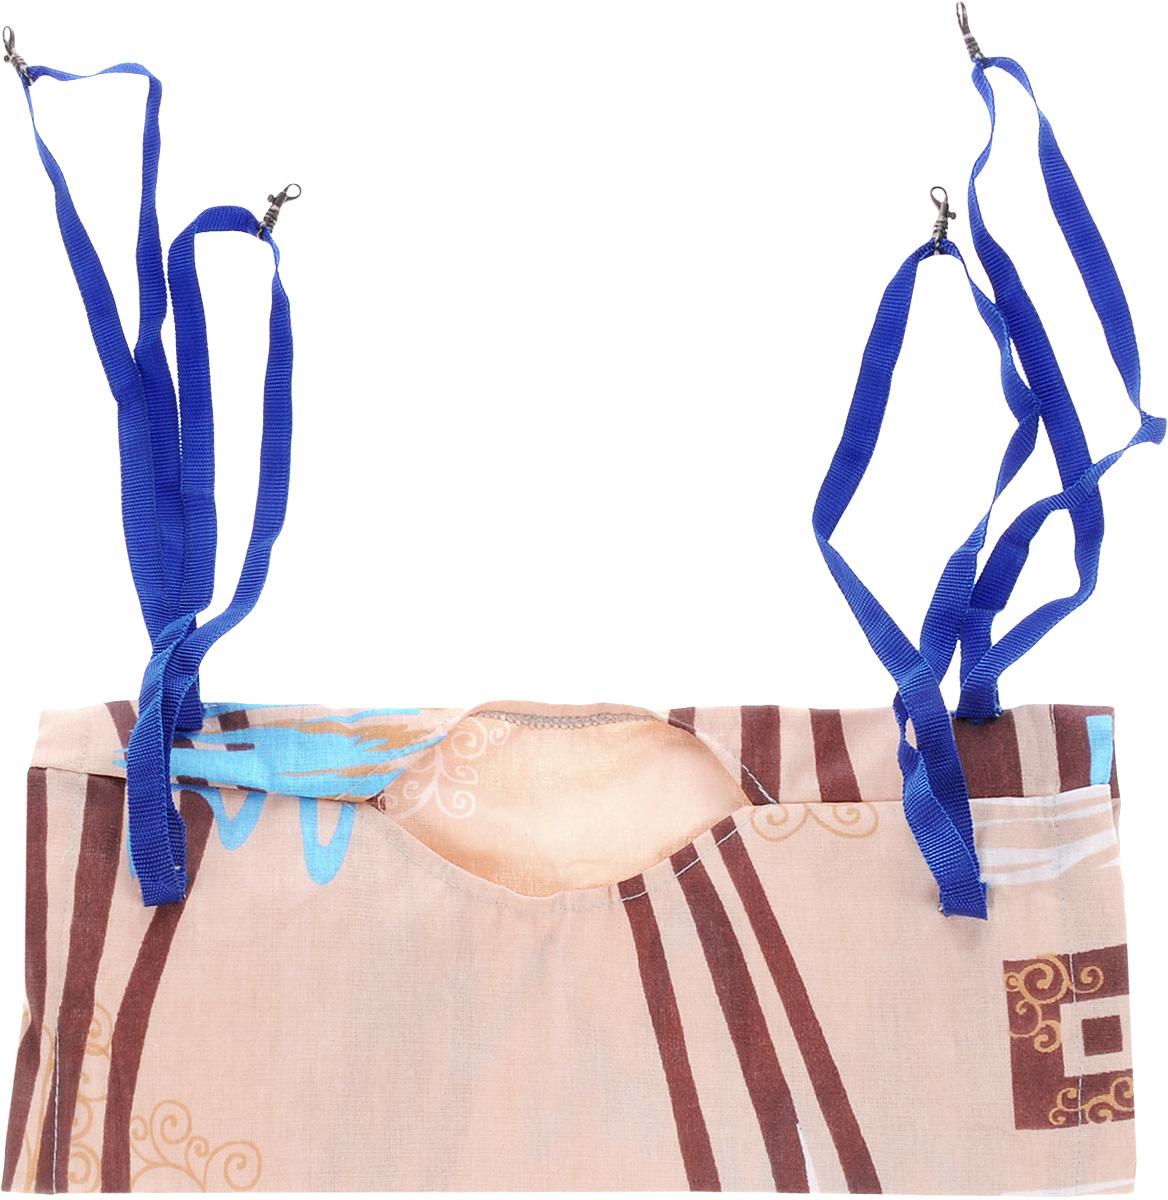 Гамак-тоннель для шиншилл и хорьков ЗооМарк, подвесной, шуршащий, цвет: бежевый, коричневый, синий. Д-09 гамак гамак гамак гамак гамак открытый гамак наружные подвески